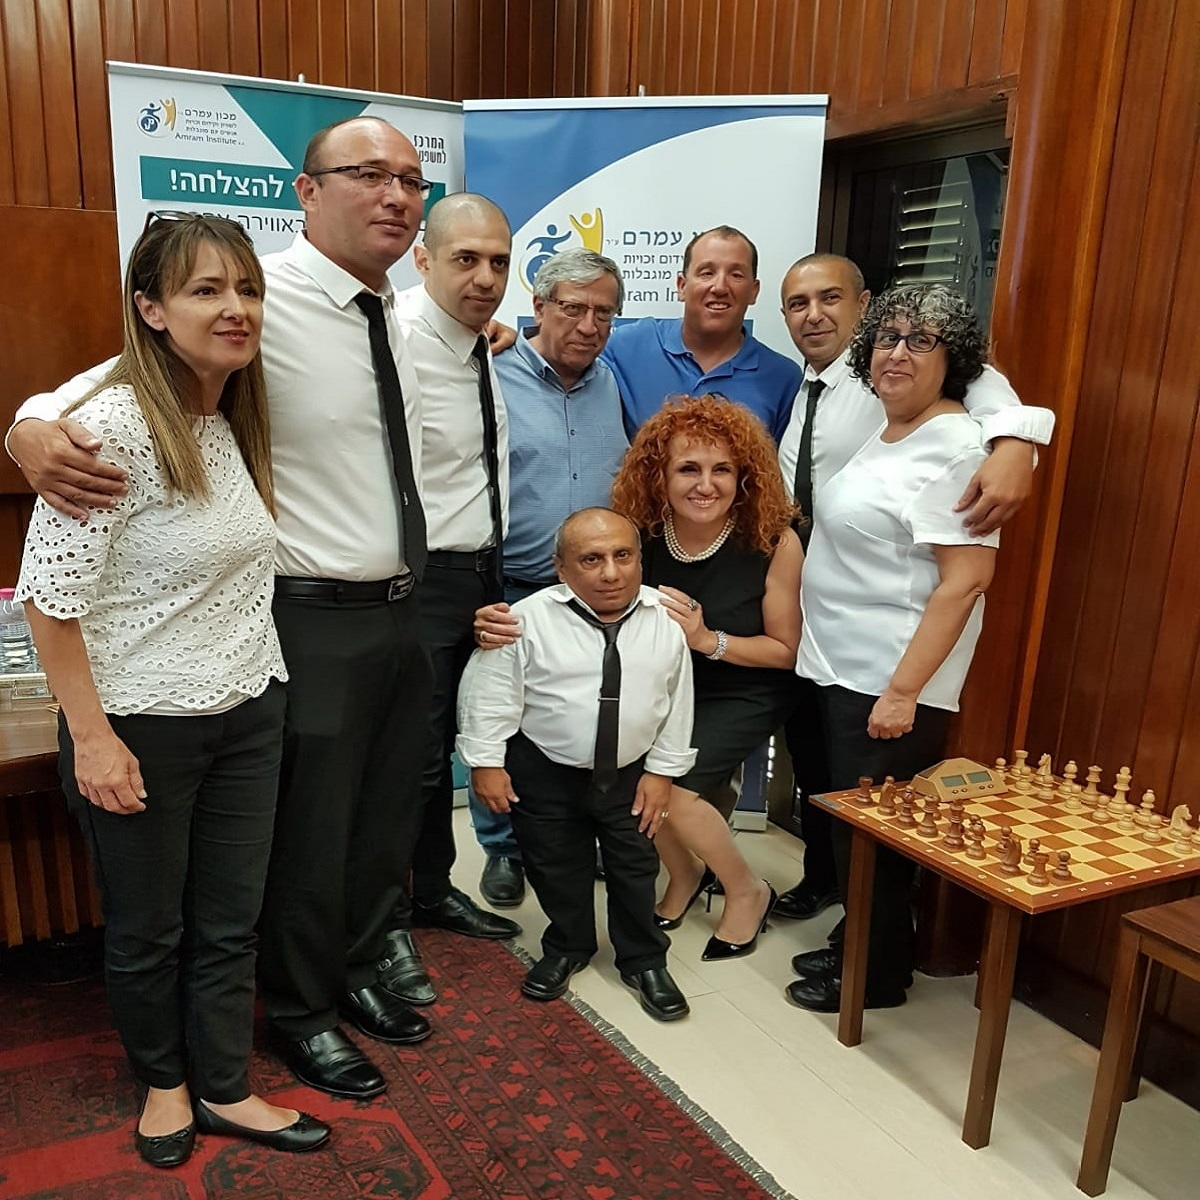 הצוות המקצועי של מרכז הזכויות עם השופט ריצרד ברנשטיין וראש עיריית רמת גן